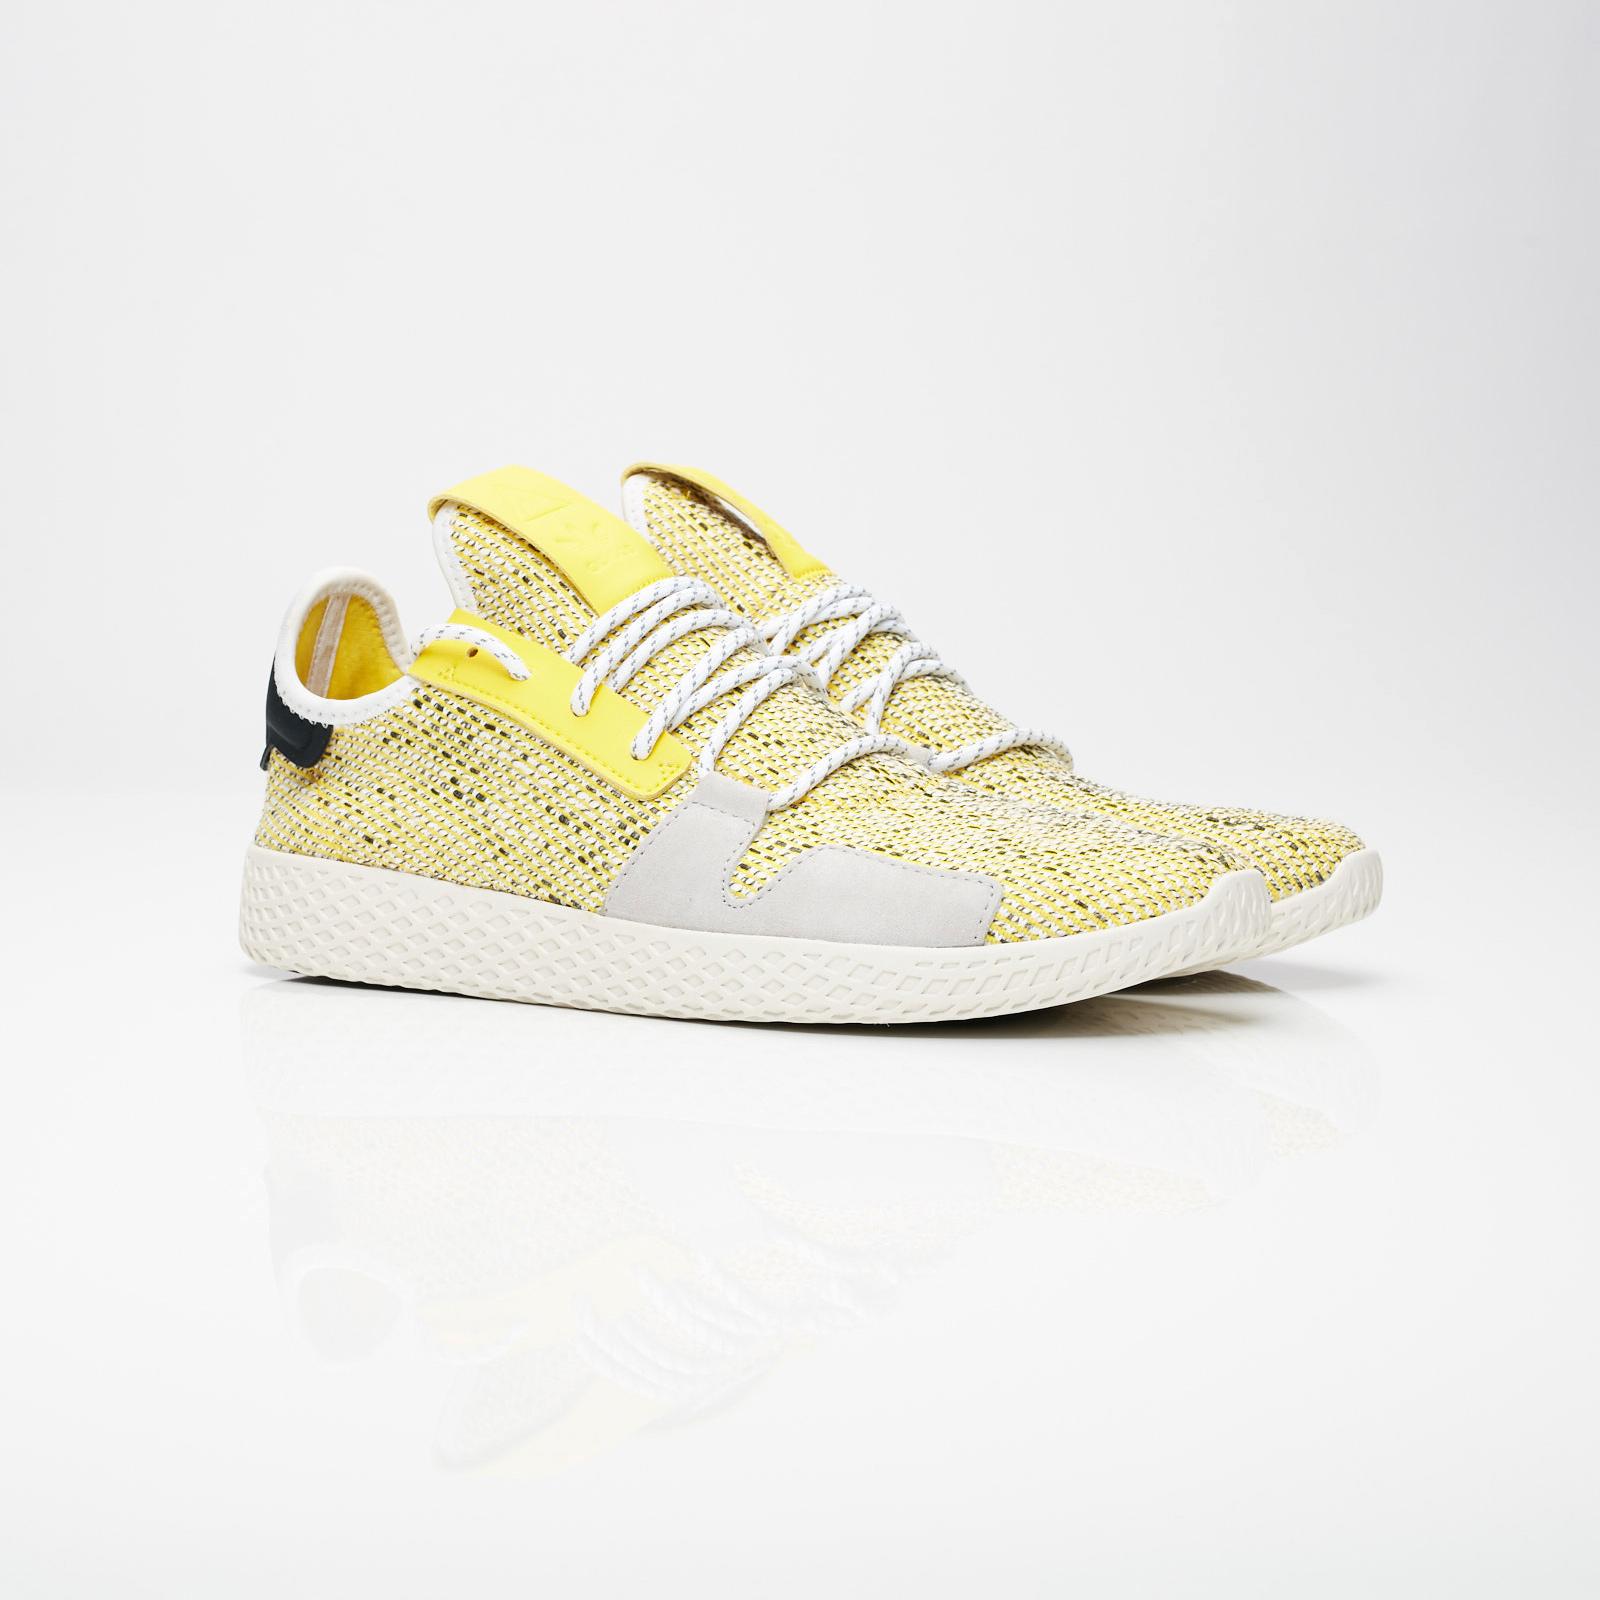 Tenis Adidas solar Hu V2 x Pharrell Williams bb9543